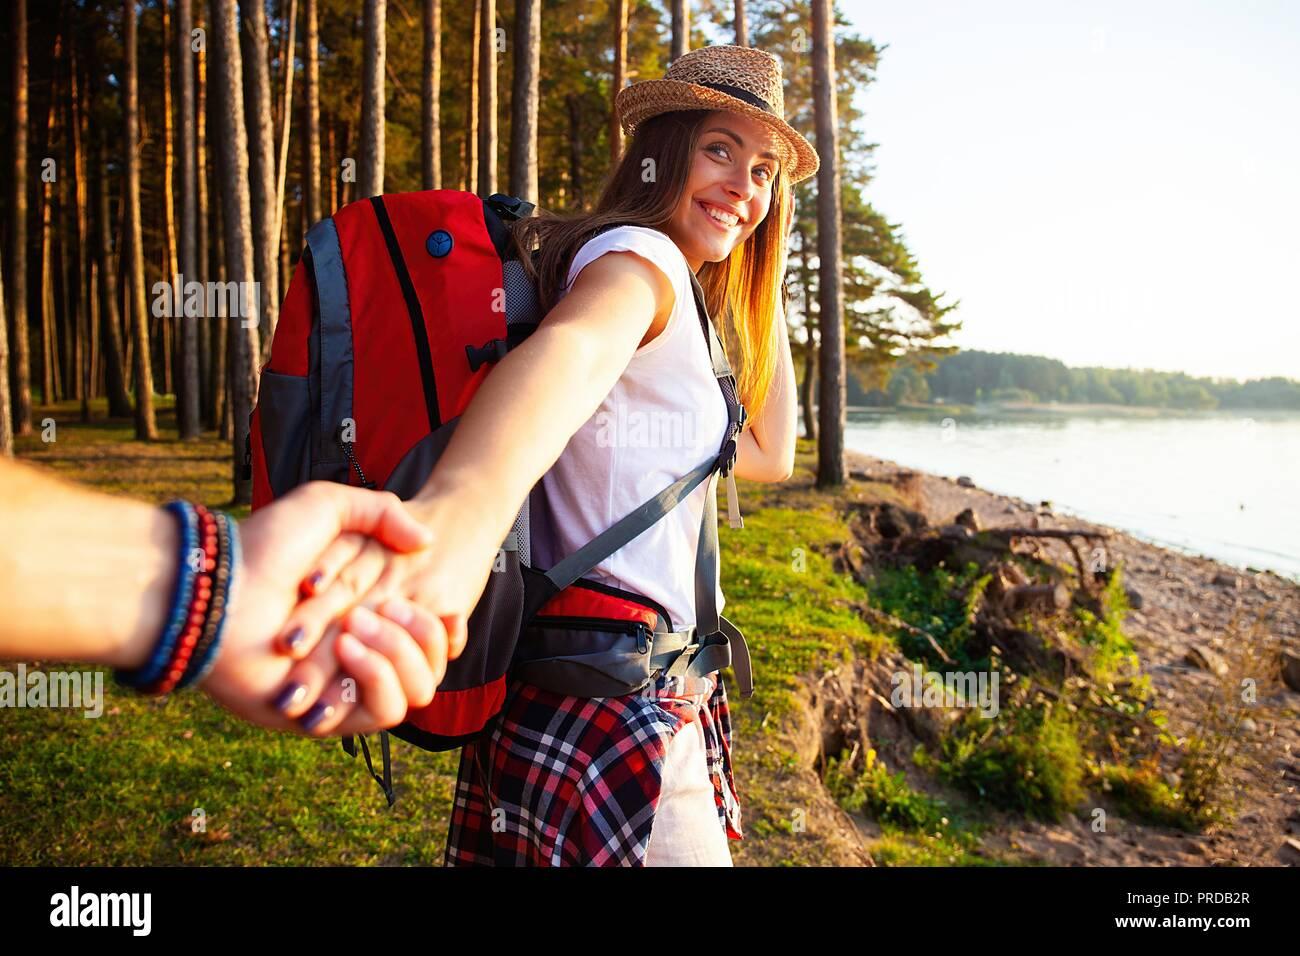 Retrato de mujer joven feliz sosteniendo la mano de su novio mientras caminaba en el bosque. Foto de stock